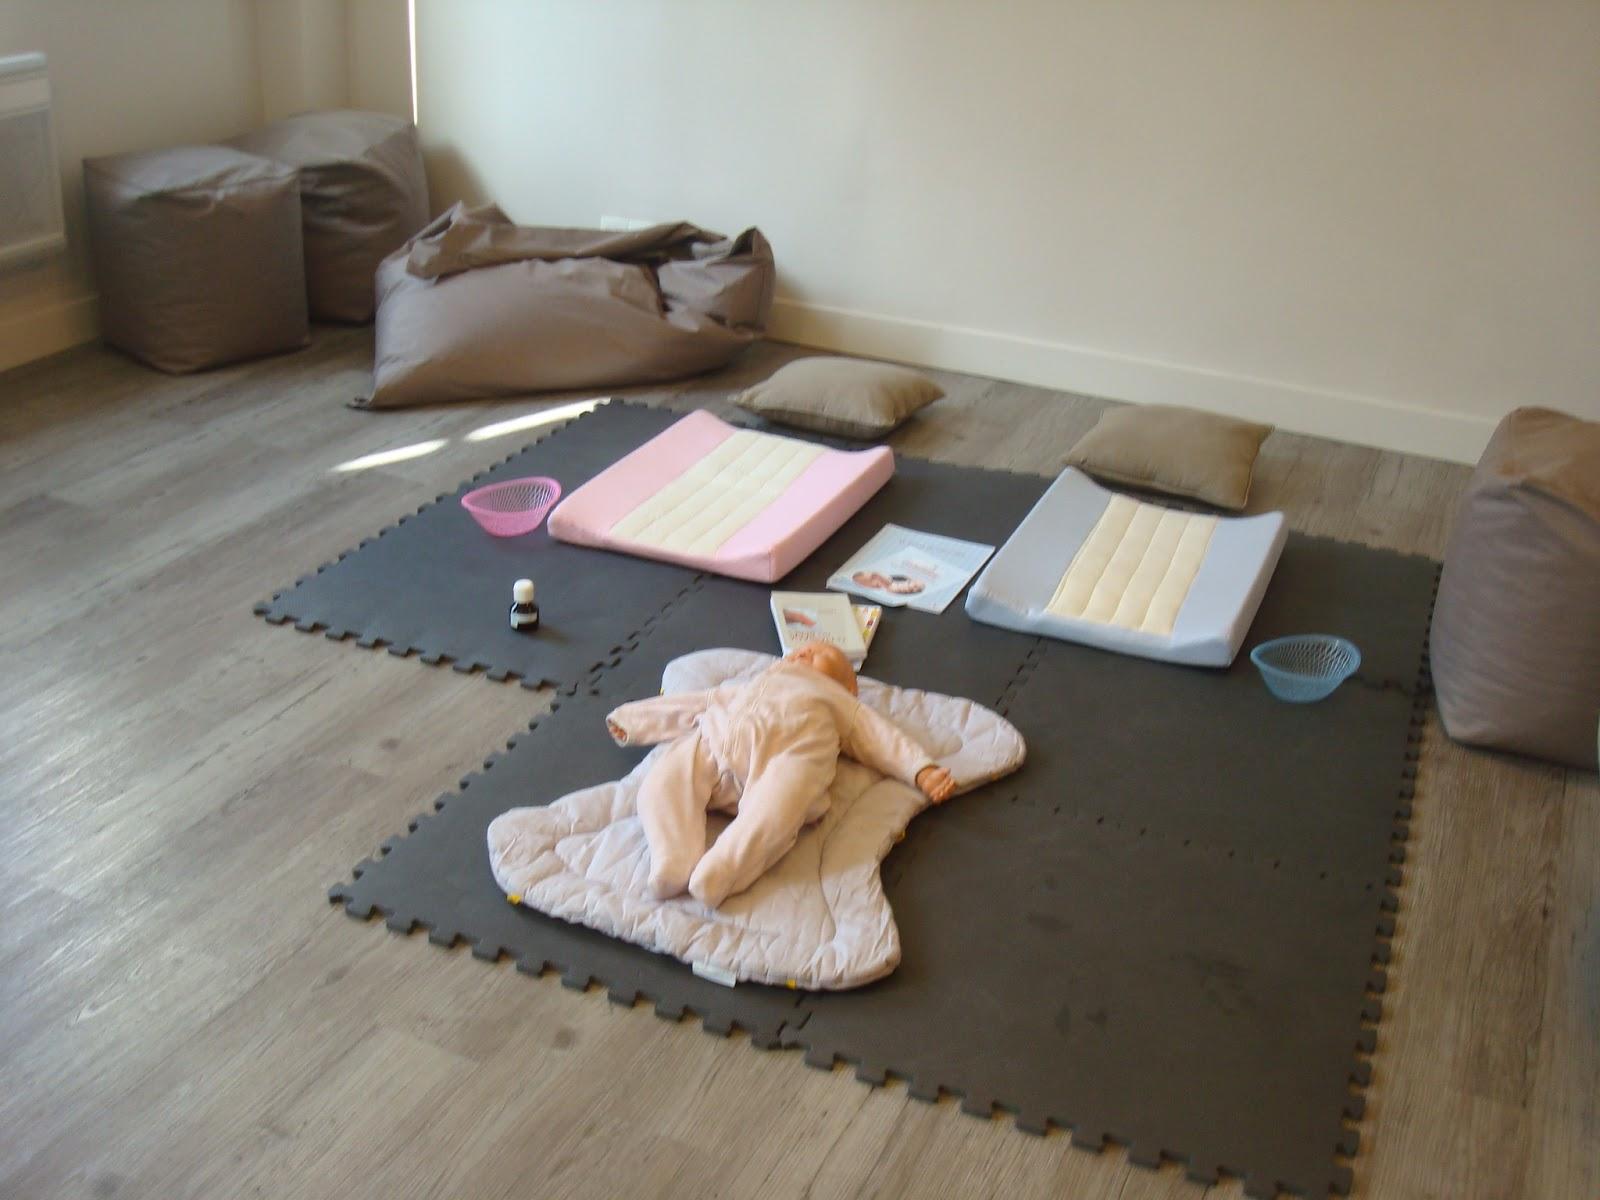 nuru massage in paris Maisons-Alfort